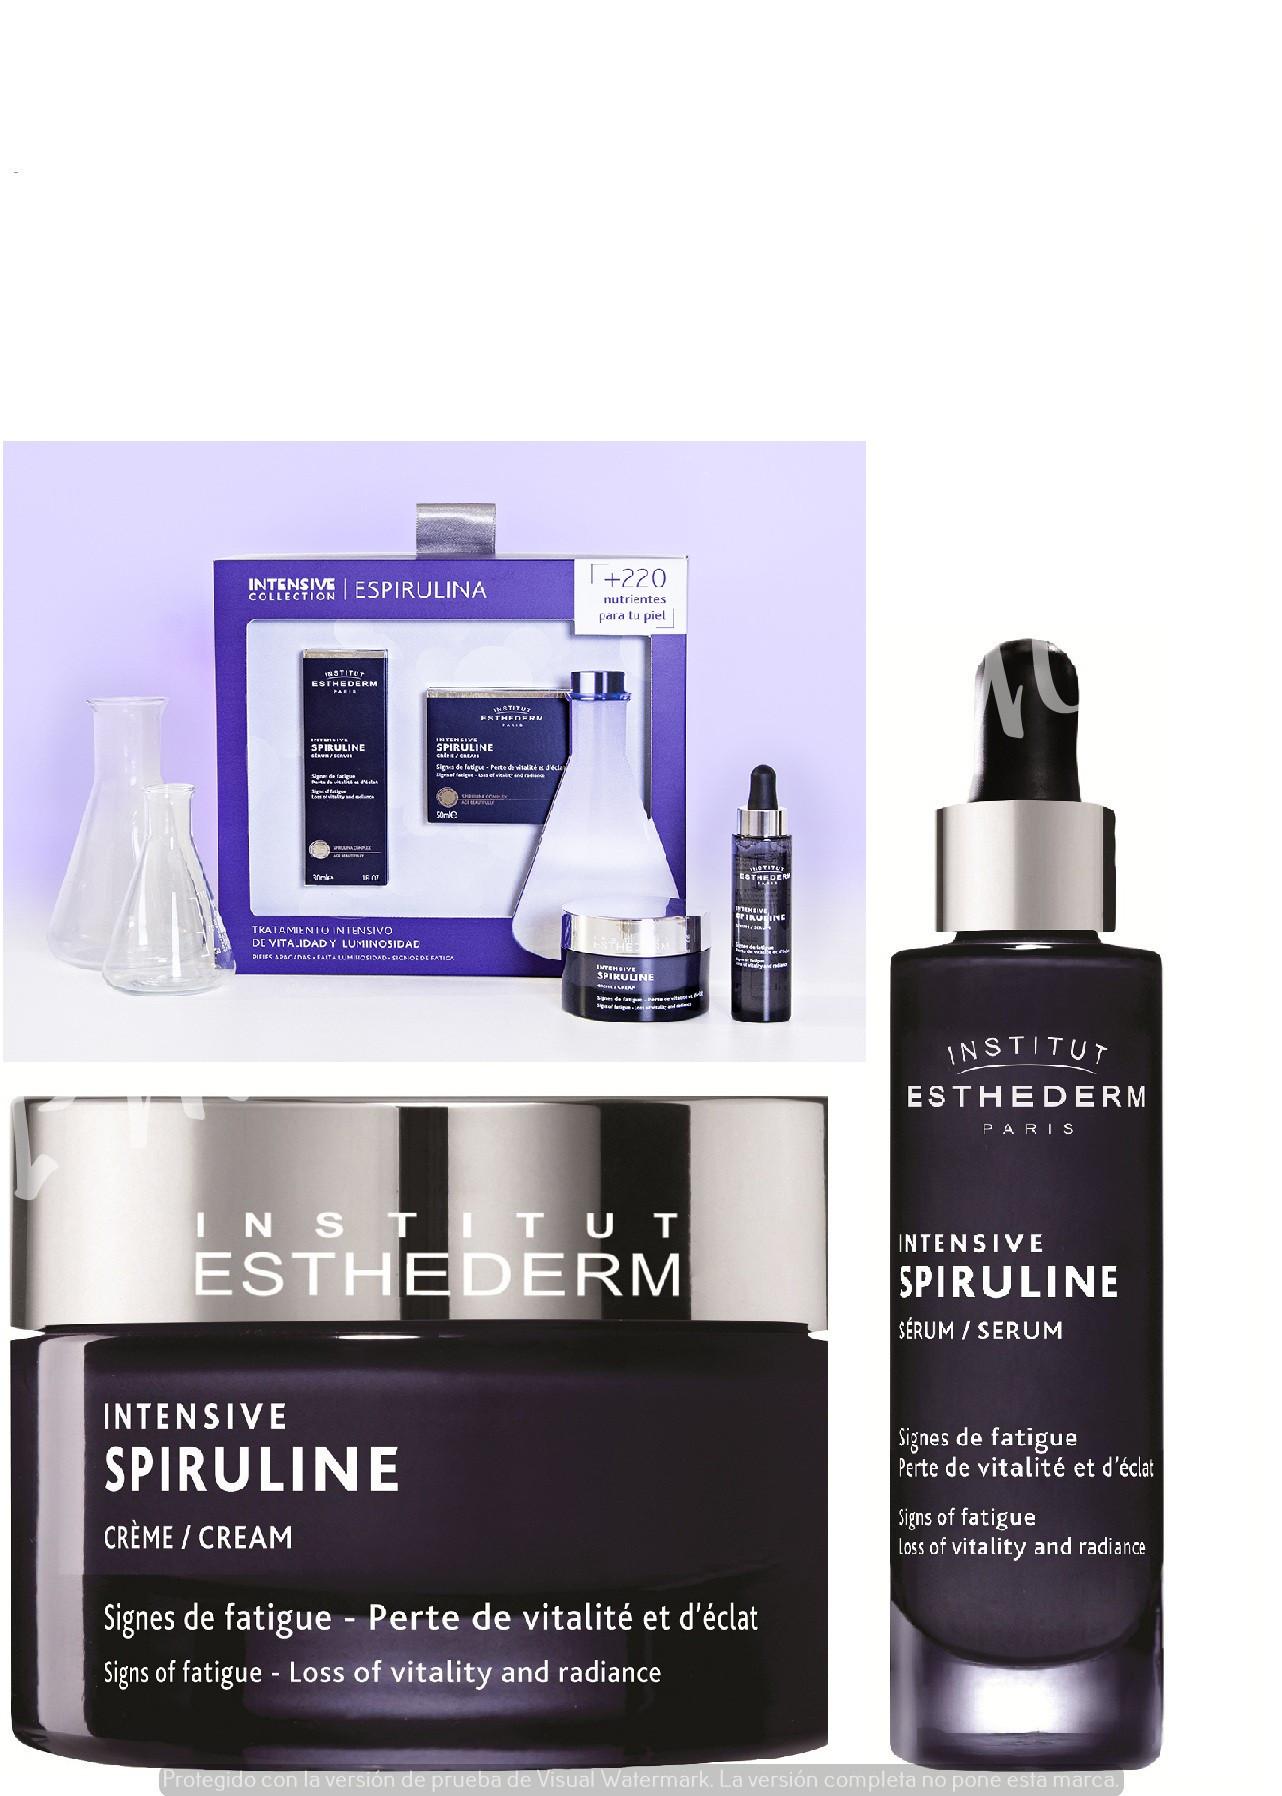 Pack Intensivo Espirulina - Institut Esthederm